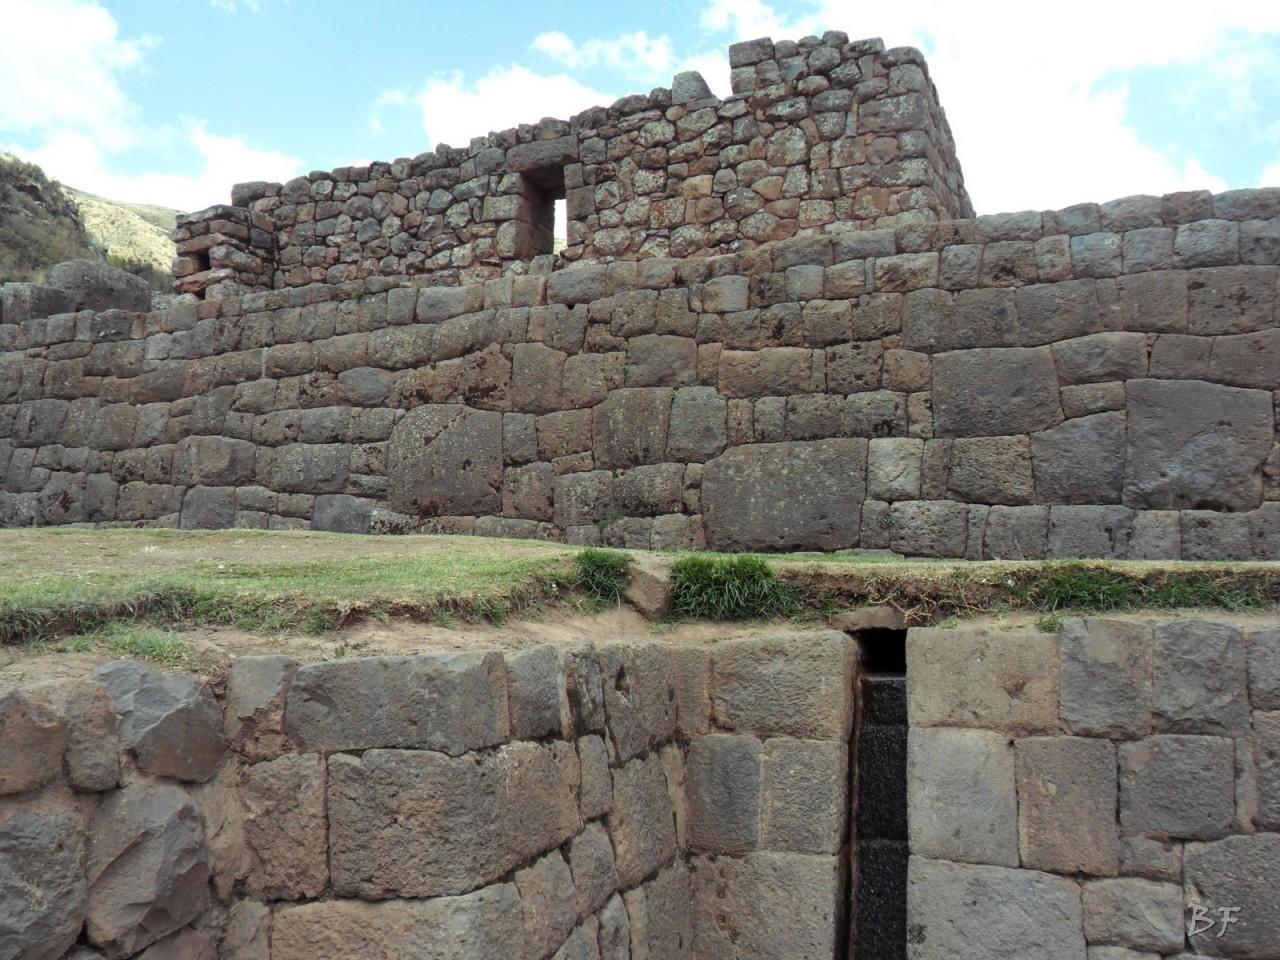 Mura-Poligonali-Megaliti-Tipon-Oropesa-Cusco-Perù-28